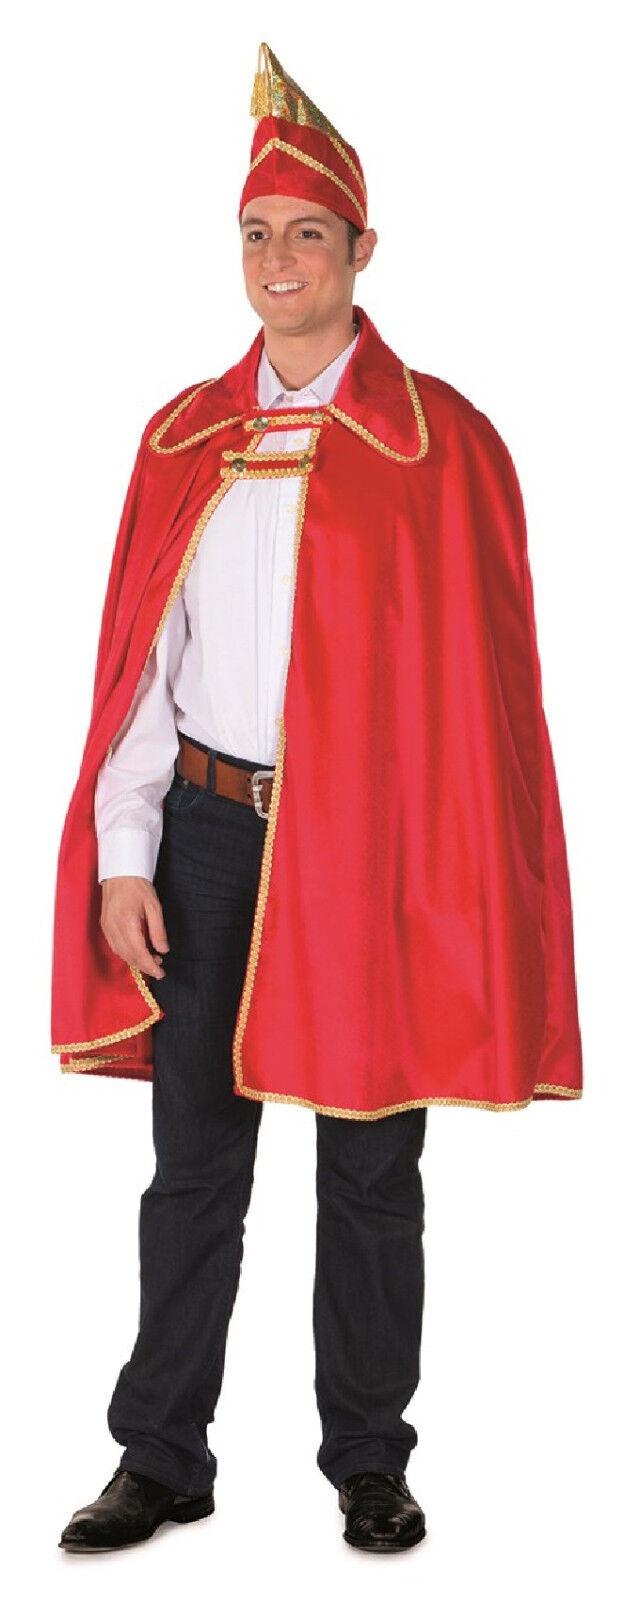 Du costume prince MANTEAU CAPE CAPE Bonnet veste Capuchon Capuchon Capuchon comité elferrat ac6b6a